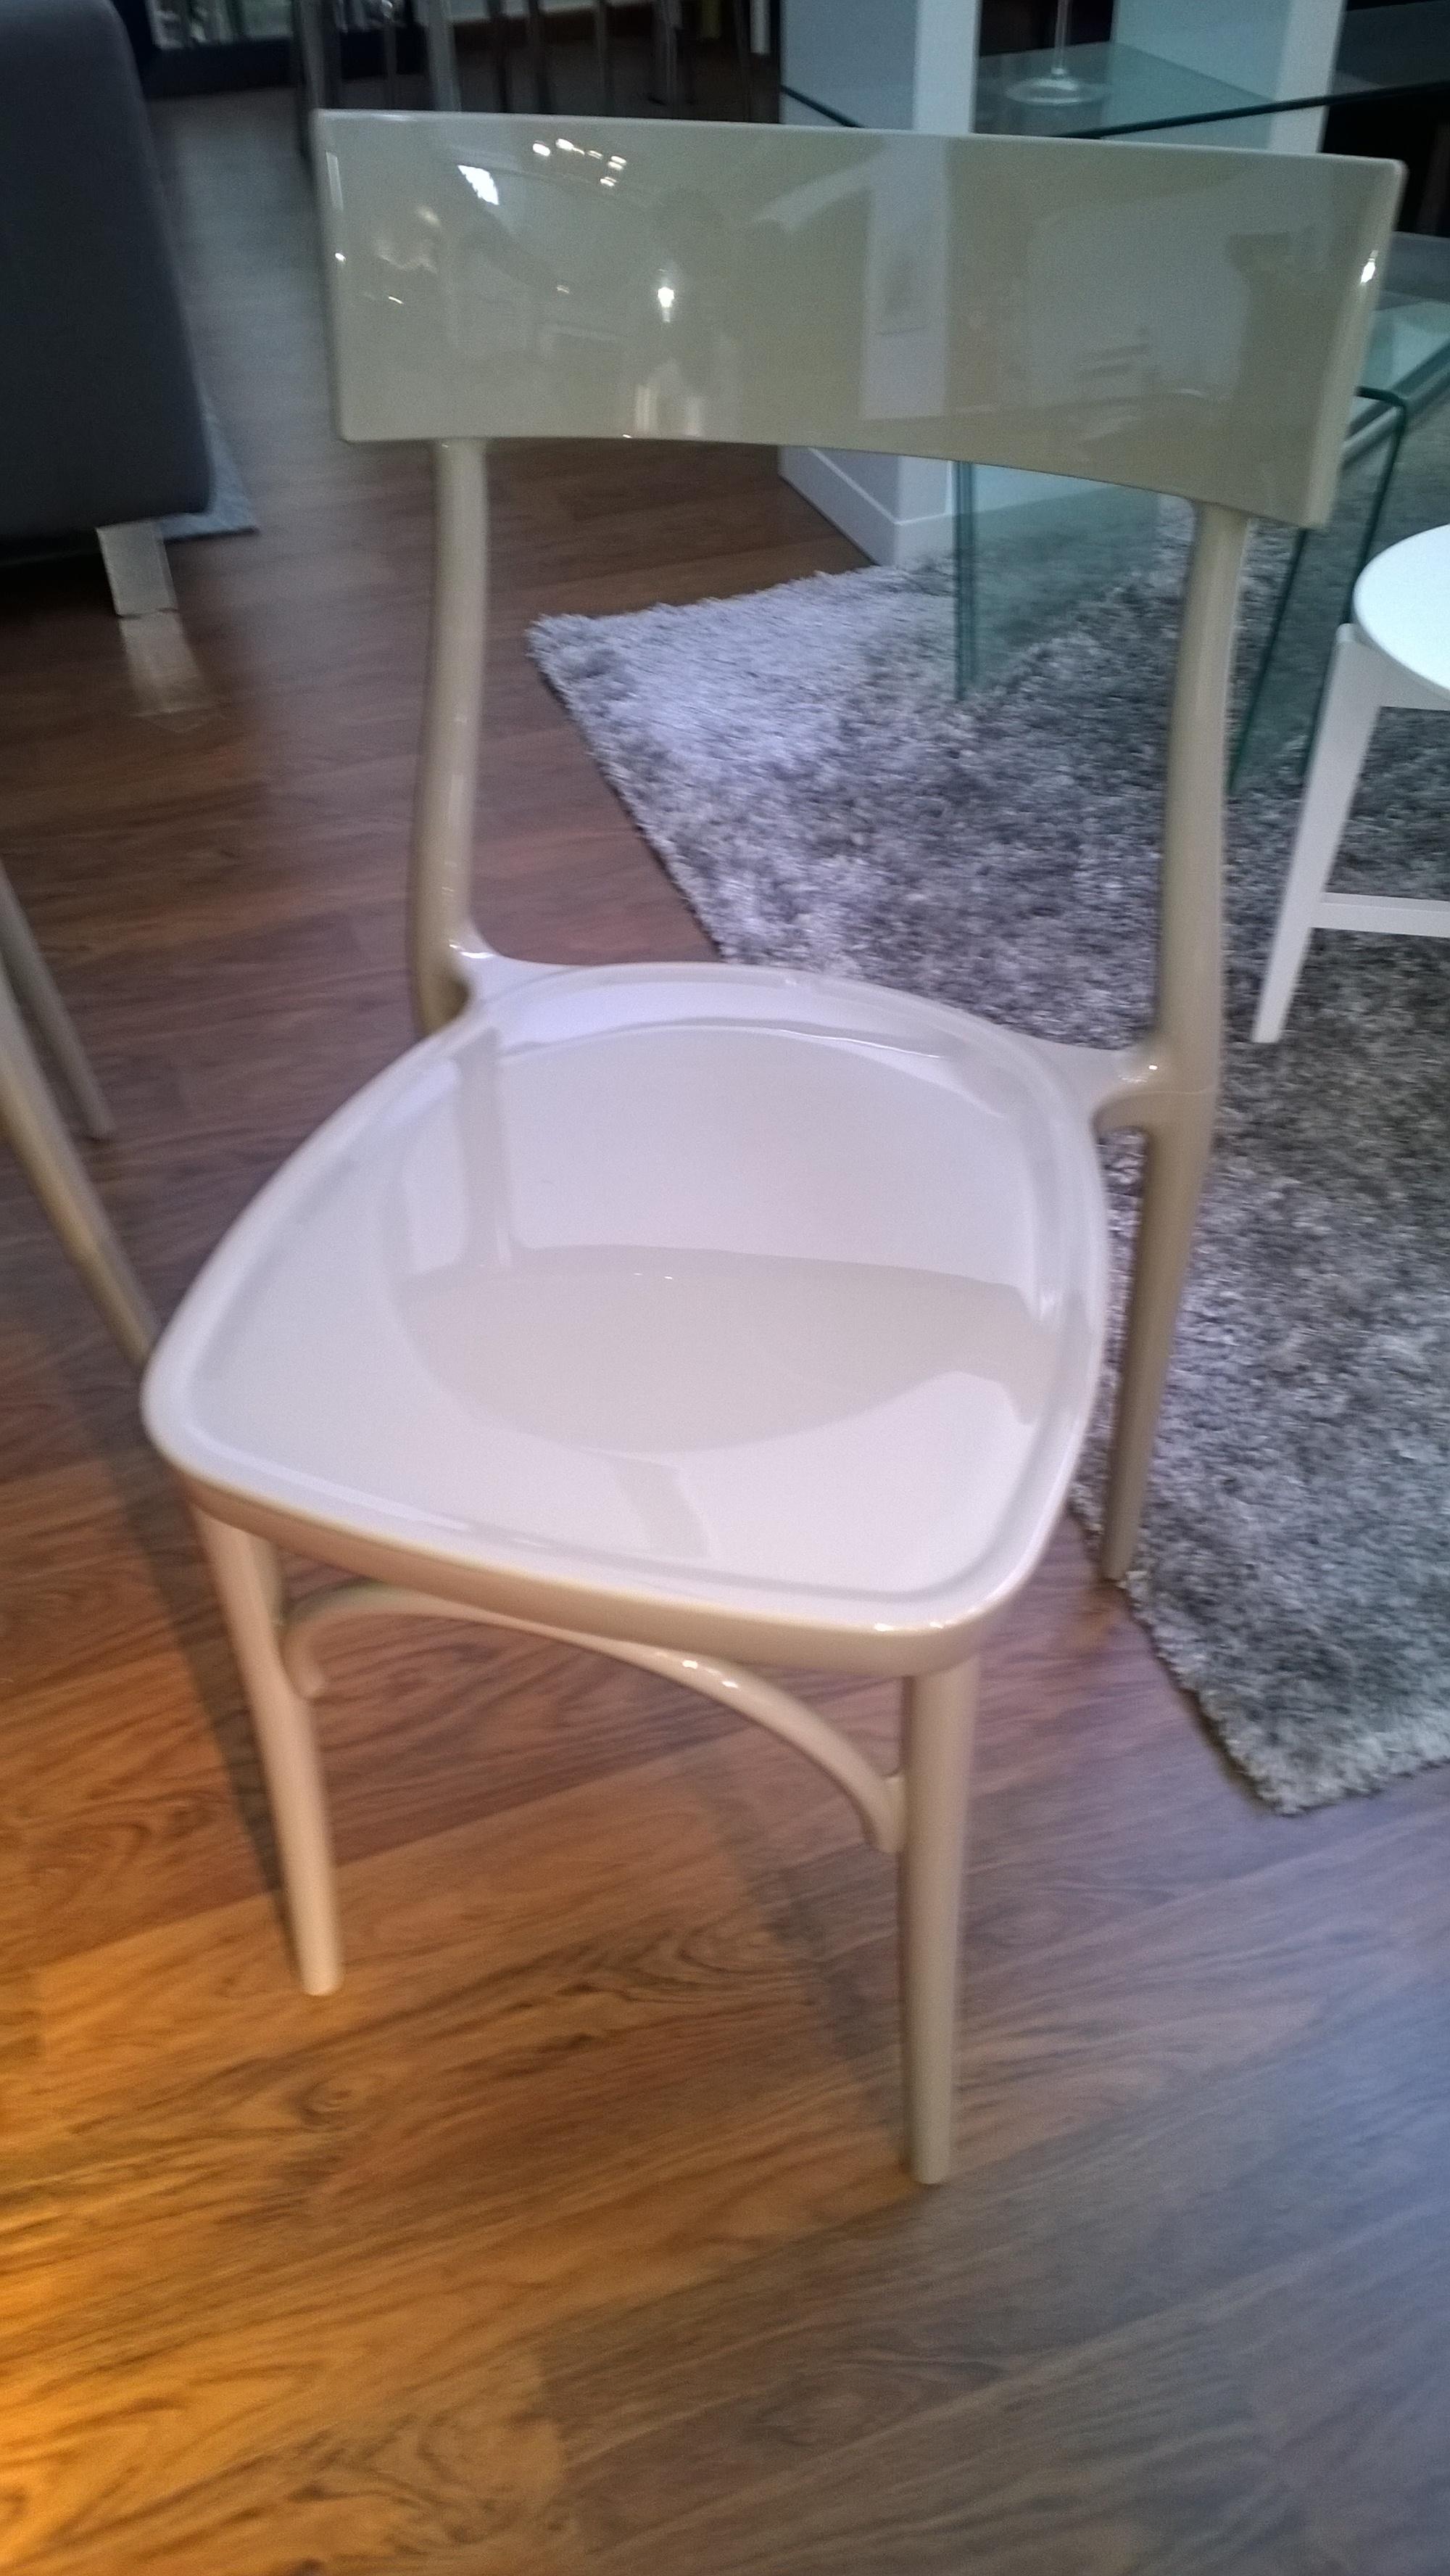 Promo sedia colico milano 15653 sedie a prezzi scontati for Colico sedie outlet